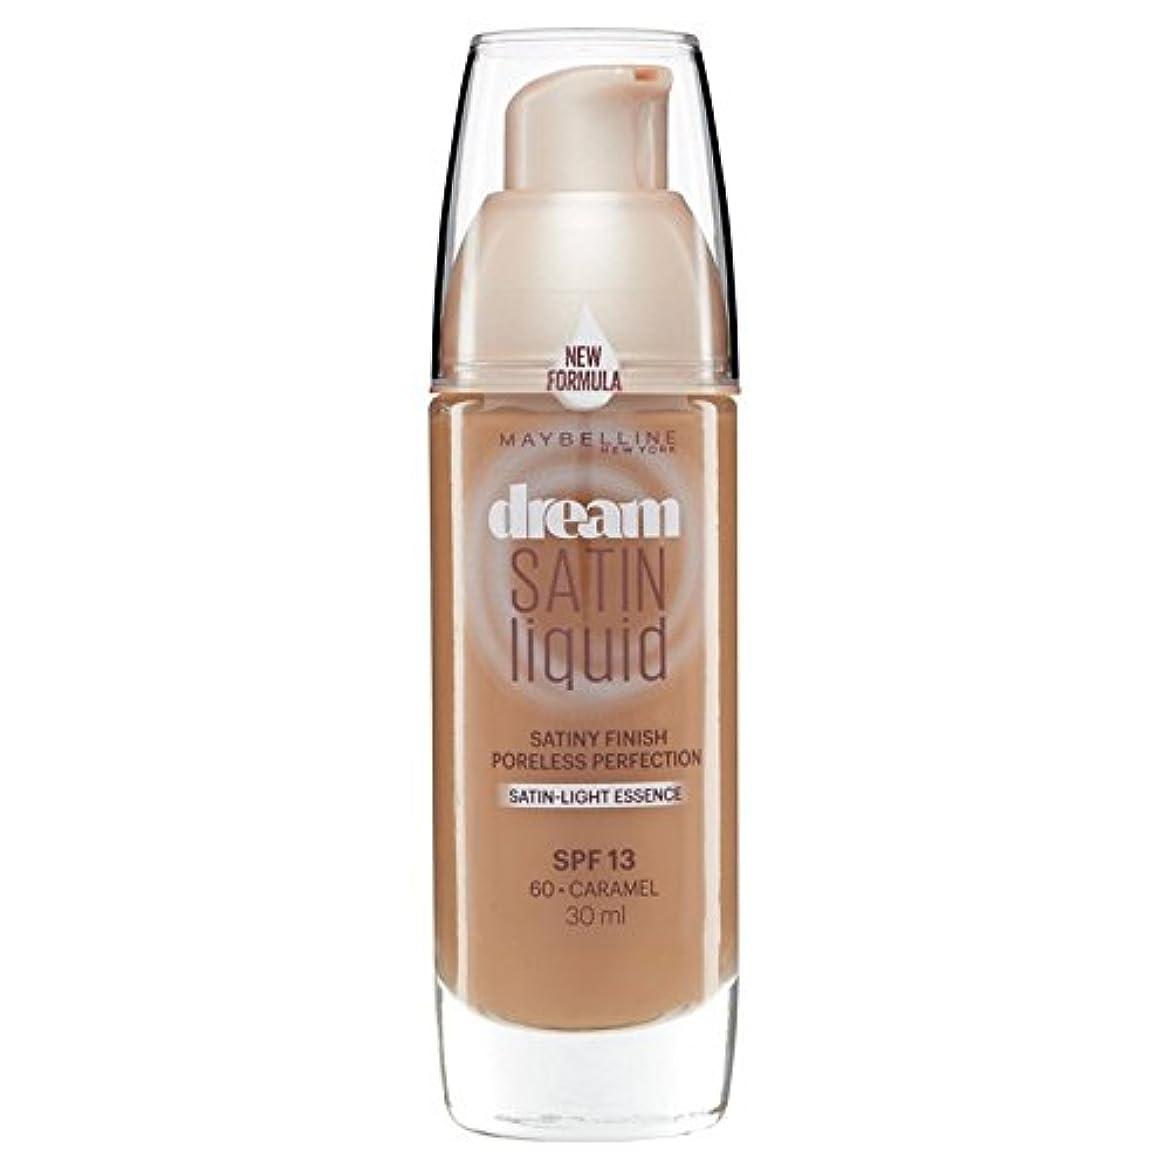 篭本土半ばMaybelline Dream Satin Liquid Foundation 060 Caramel 30ml (Pack of 6) - メイベリン夢のサテンのリキッドファンデーション060キャラメル30ミリリットル...